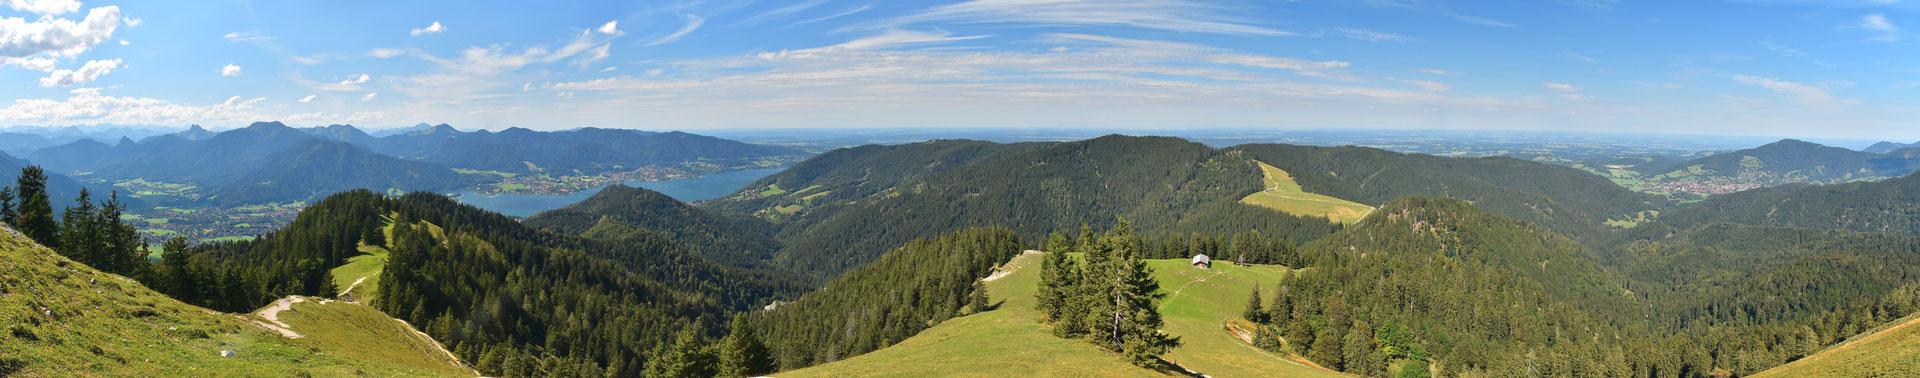 Panorama, Tegernsee, Luftaufnahme,  Landschaft, Drohnenfoto, Berge, Alpen, Sommer